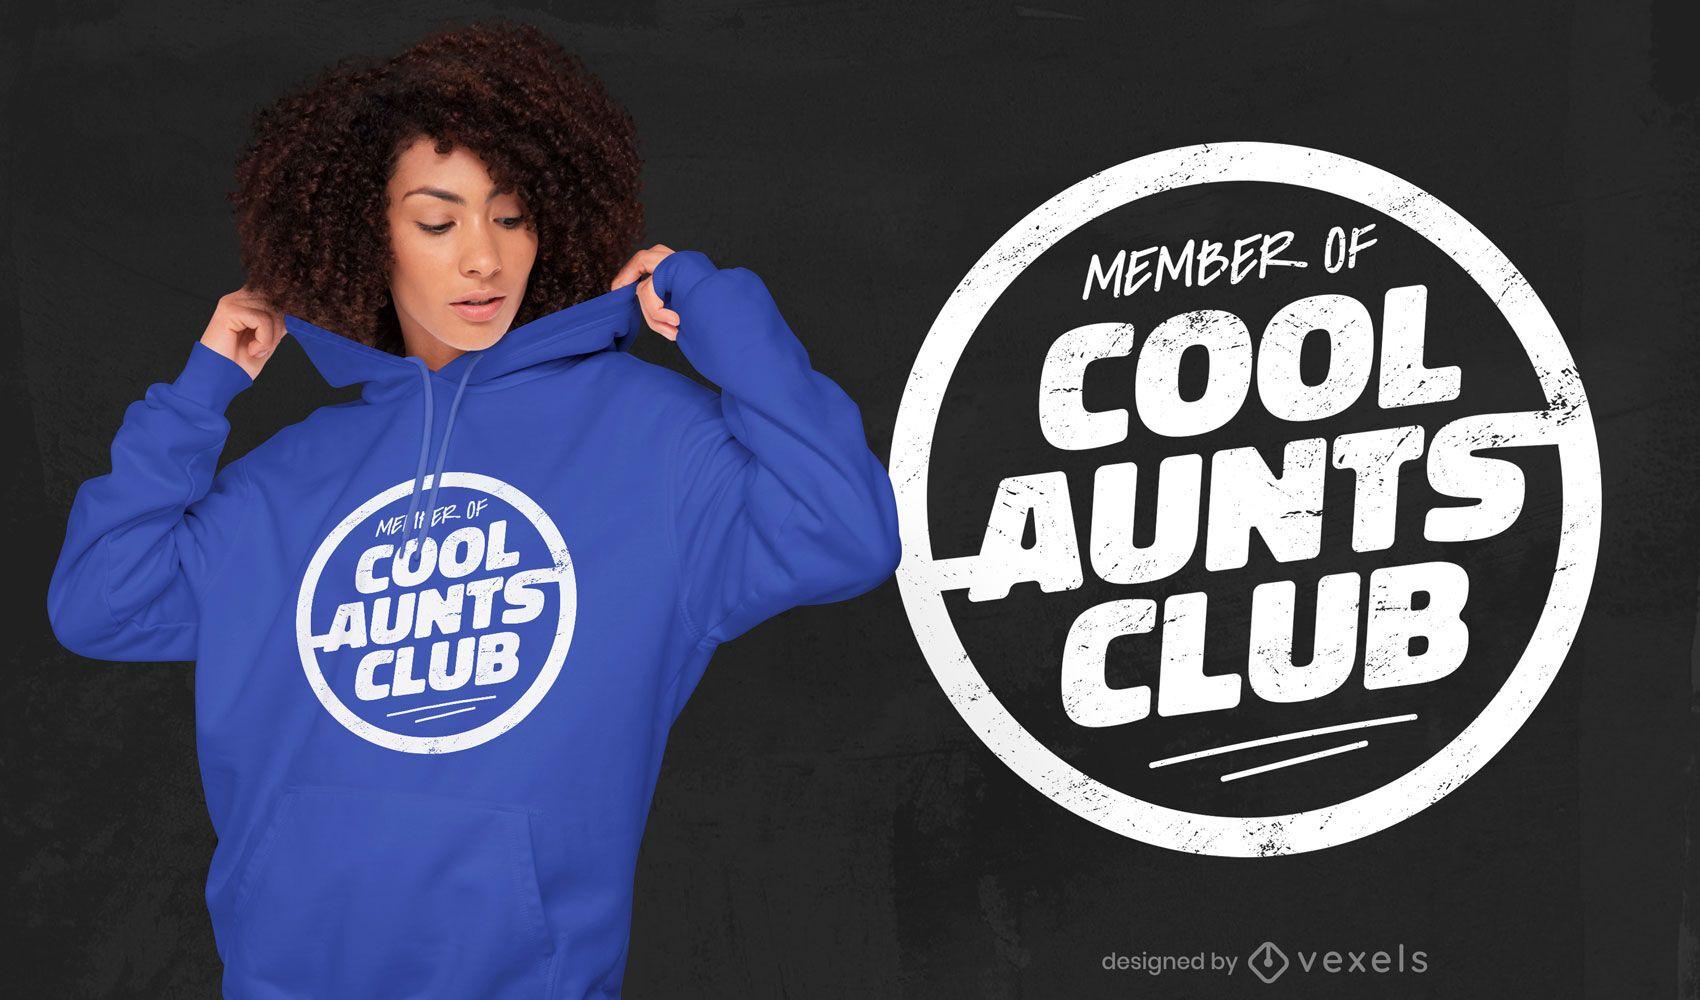 Coole Tanten Club Abzeichen T-Shirt Design